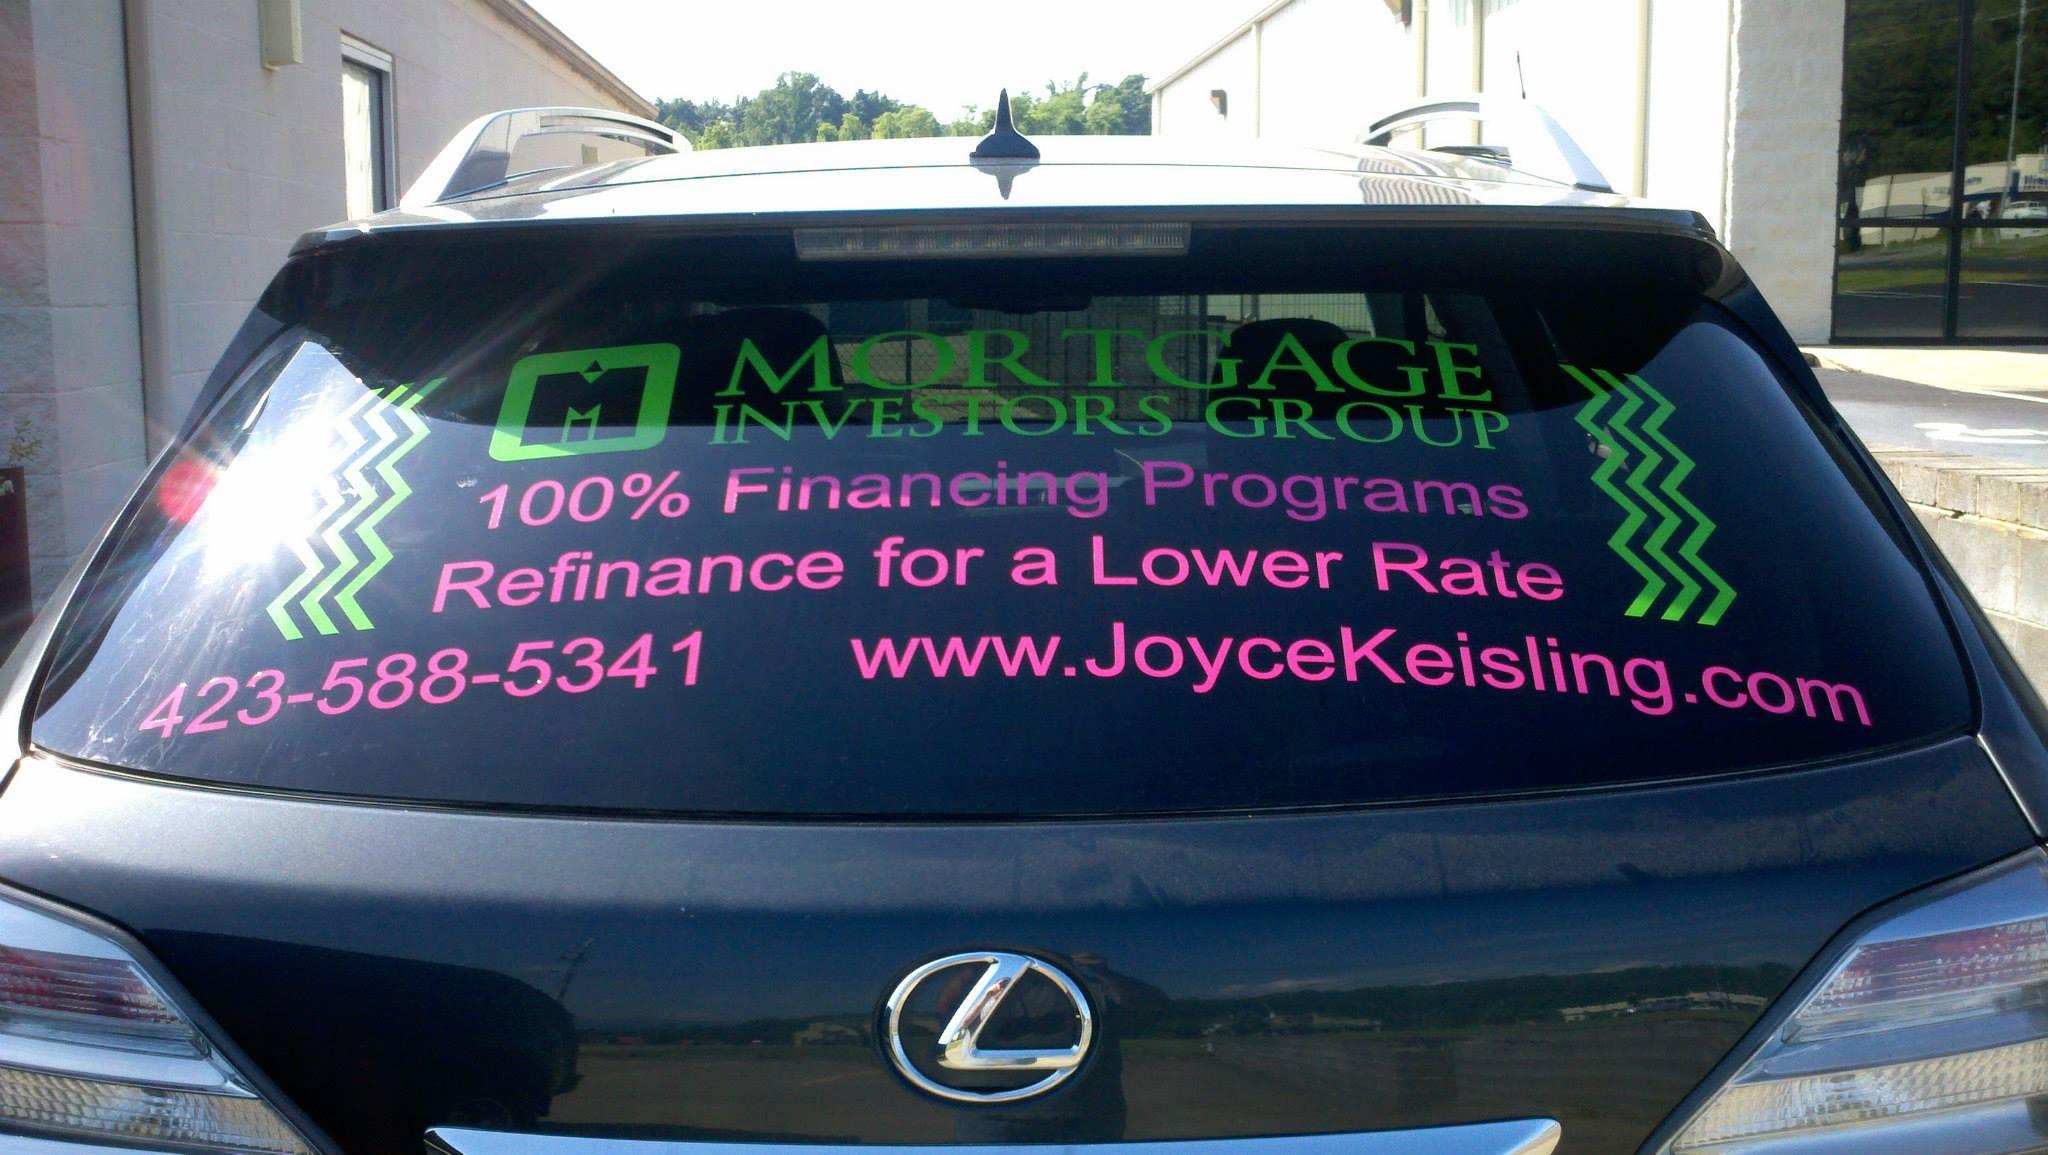 Mortgage Investors Group, Joyce Keisling